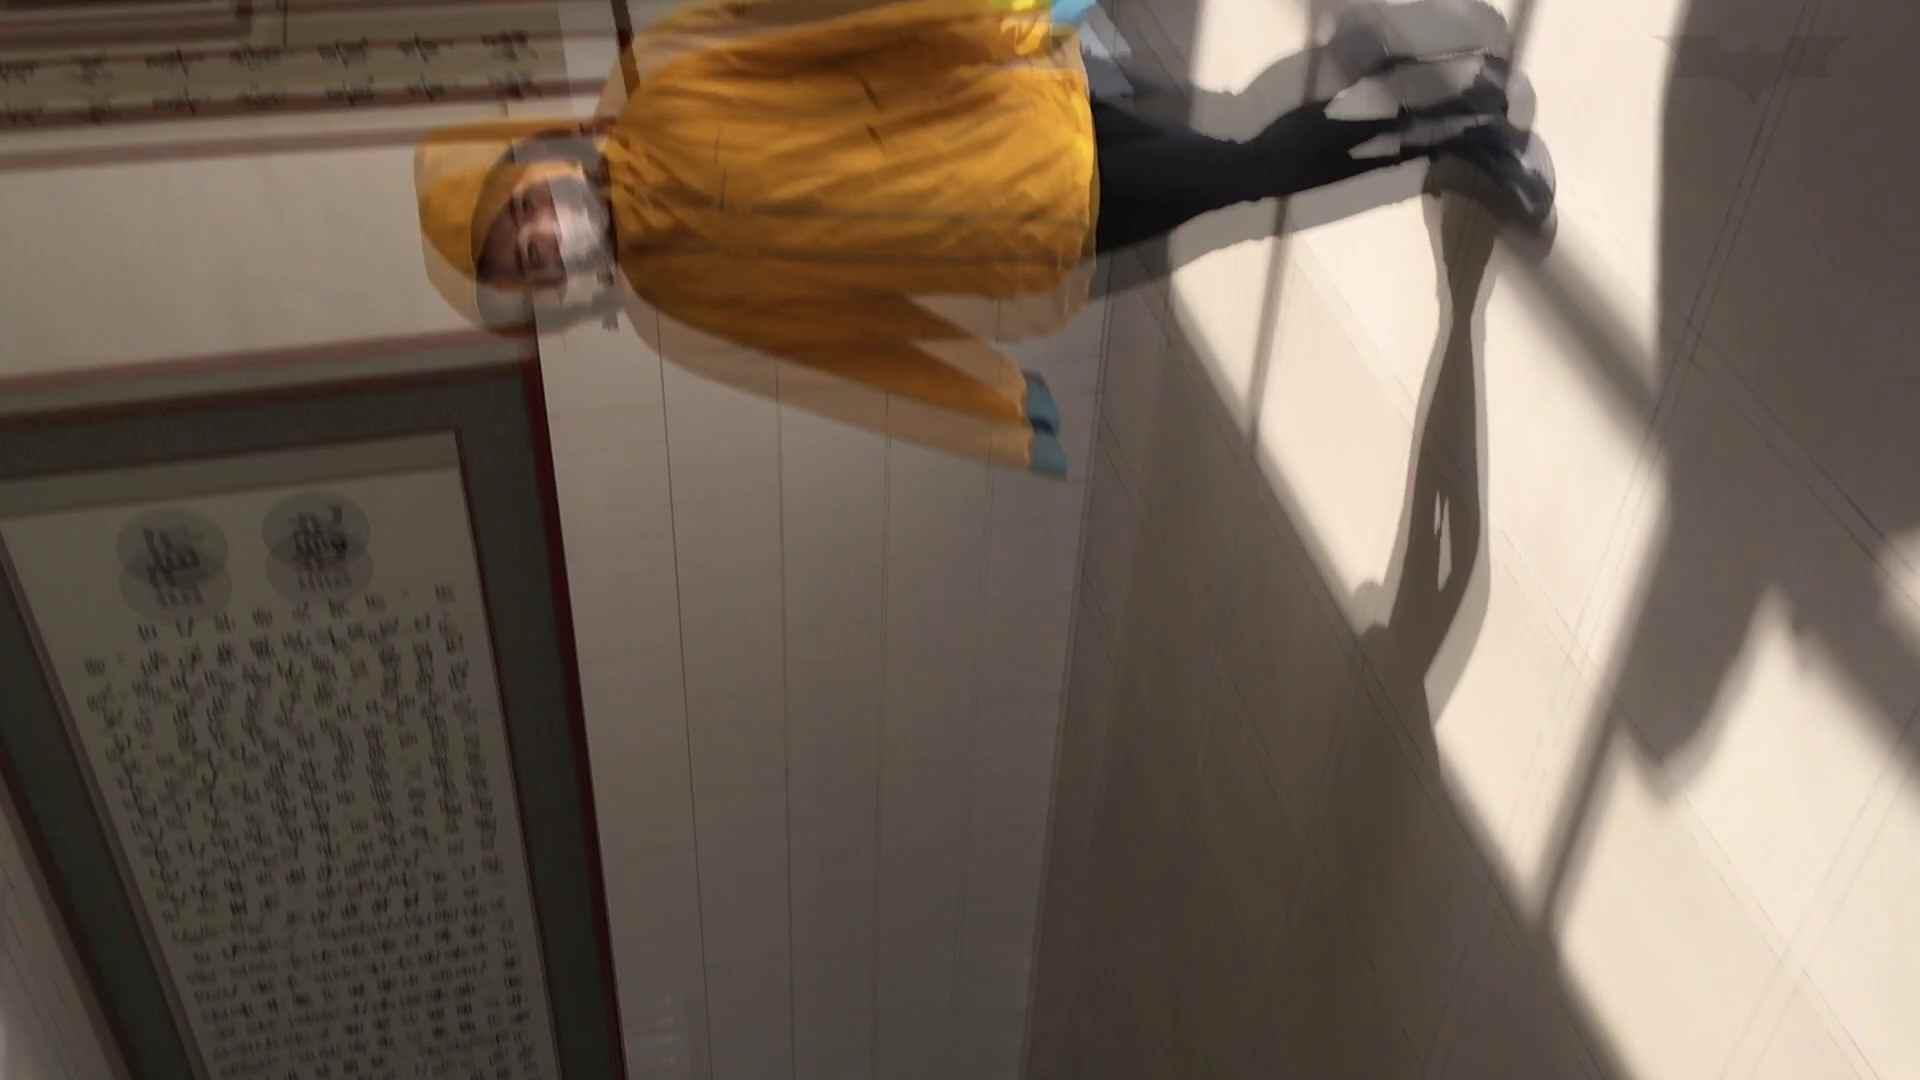 芸術大学ガチ潜入盗撮 JD盗撮 美女の洗面所の秘密 Vol.91 盗撮 | 高画質  97画像 17